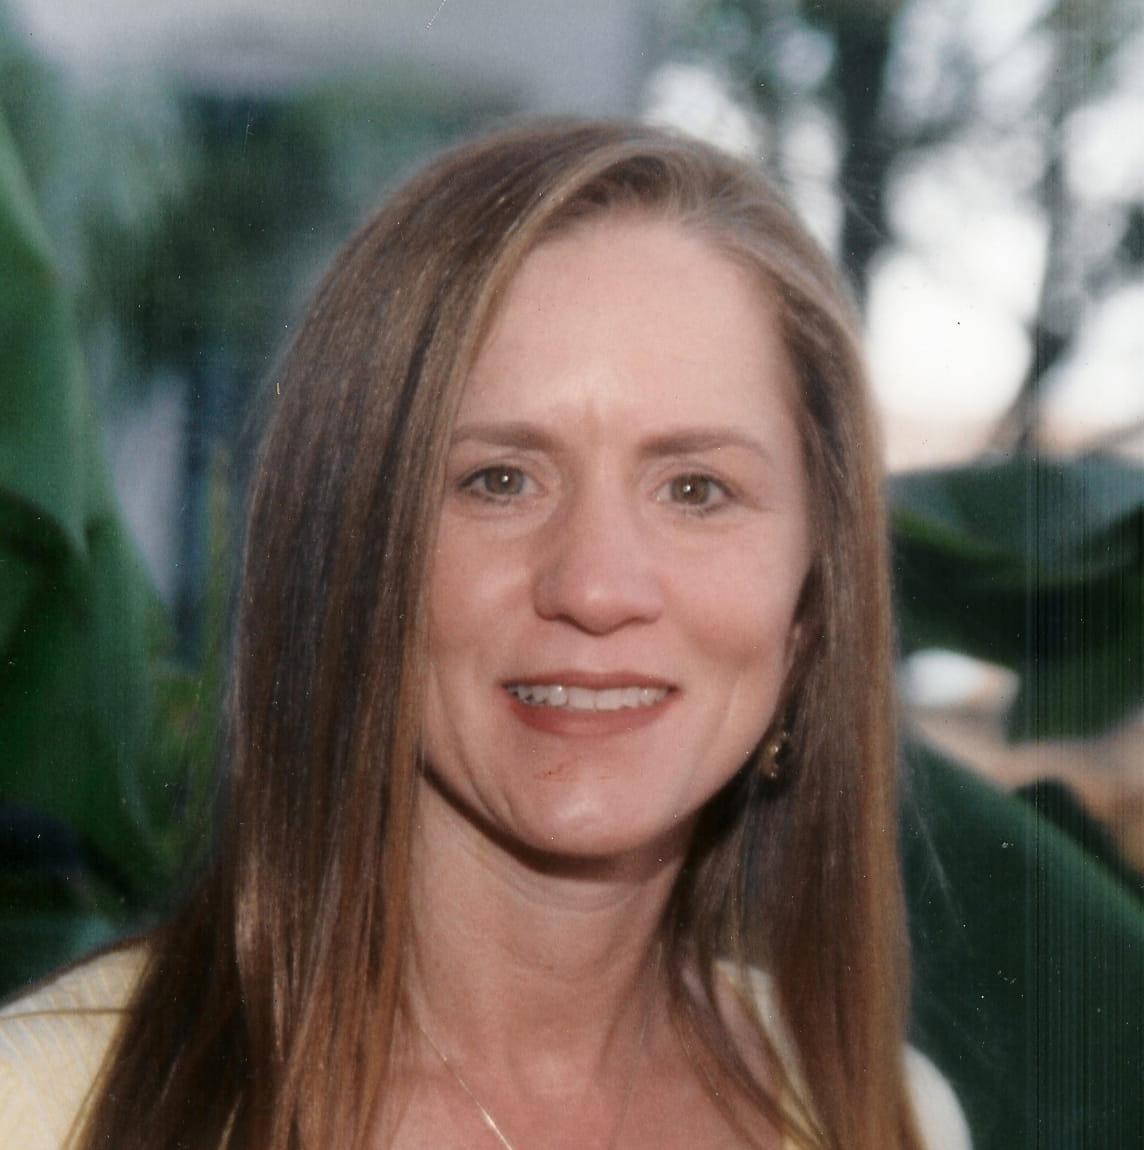 Kimberly Evans